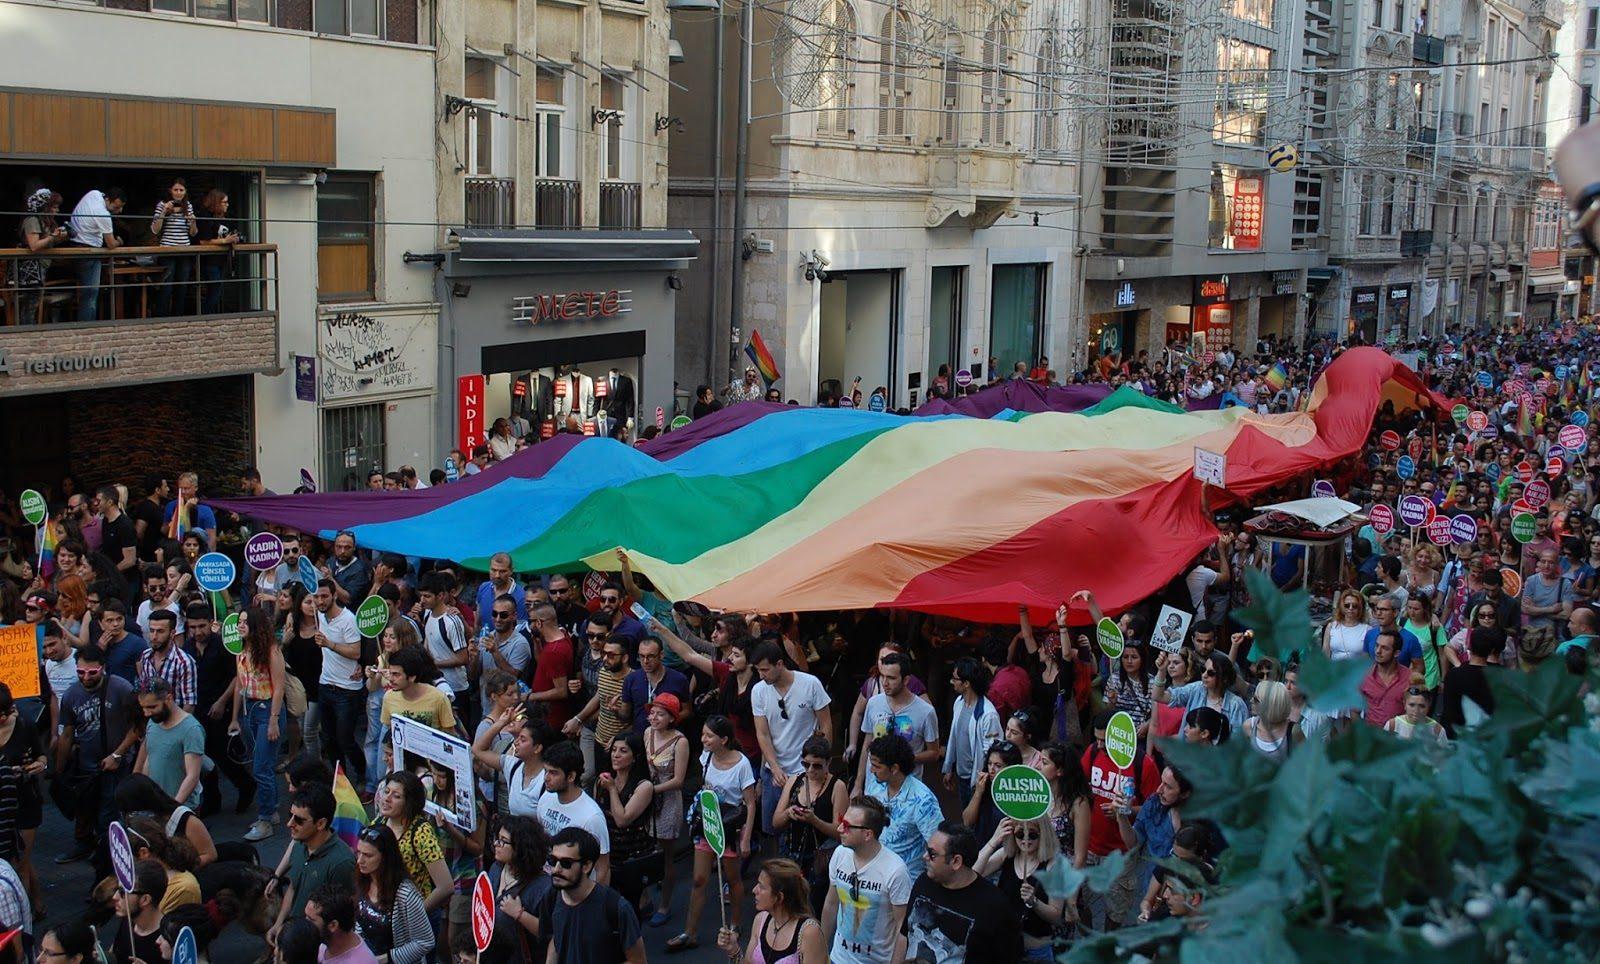 HOMOFOBİNİN Modası Geçti! LGBT'ye Destek Vermeyenleri Artık Parmakla Gösteriyorlar!